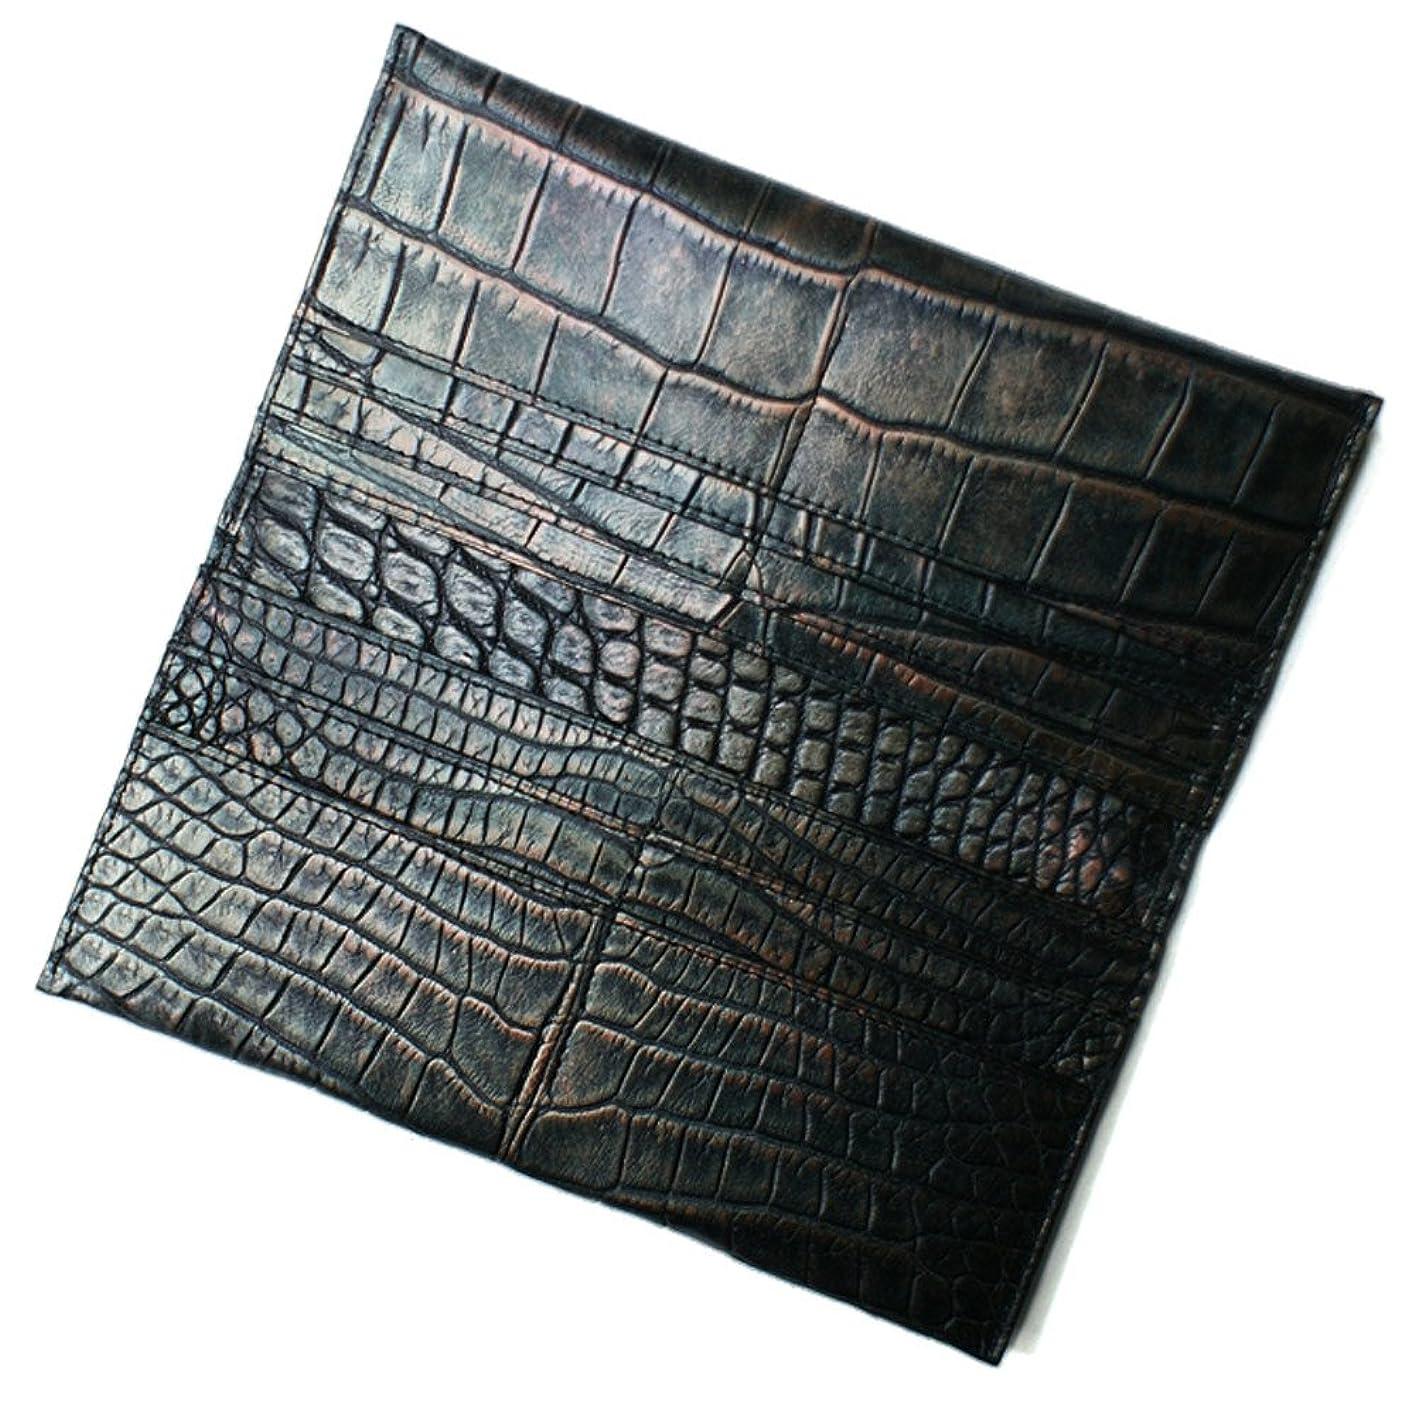 横契約したレーダーCRLG1077-RETORO クロコダイル マチなし長財布「小銭入れ無し」:ラグジュアリーレトロ